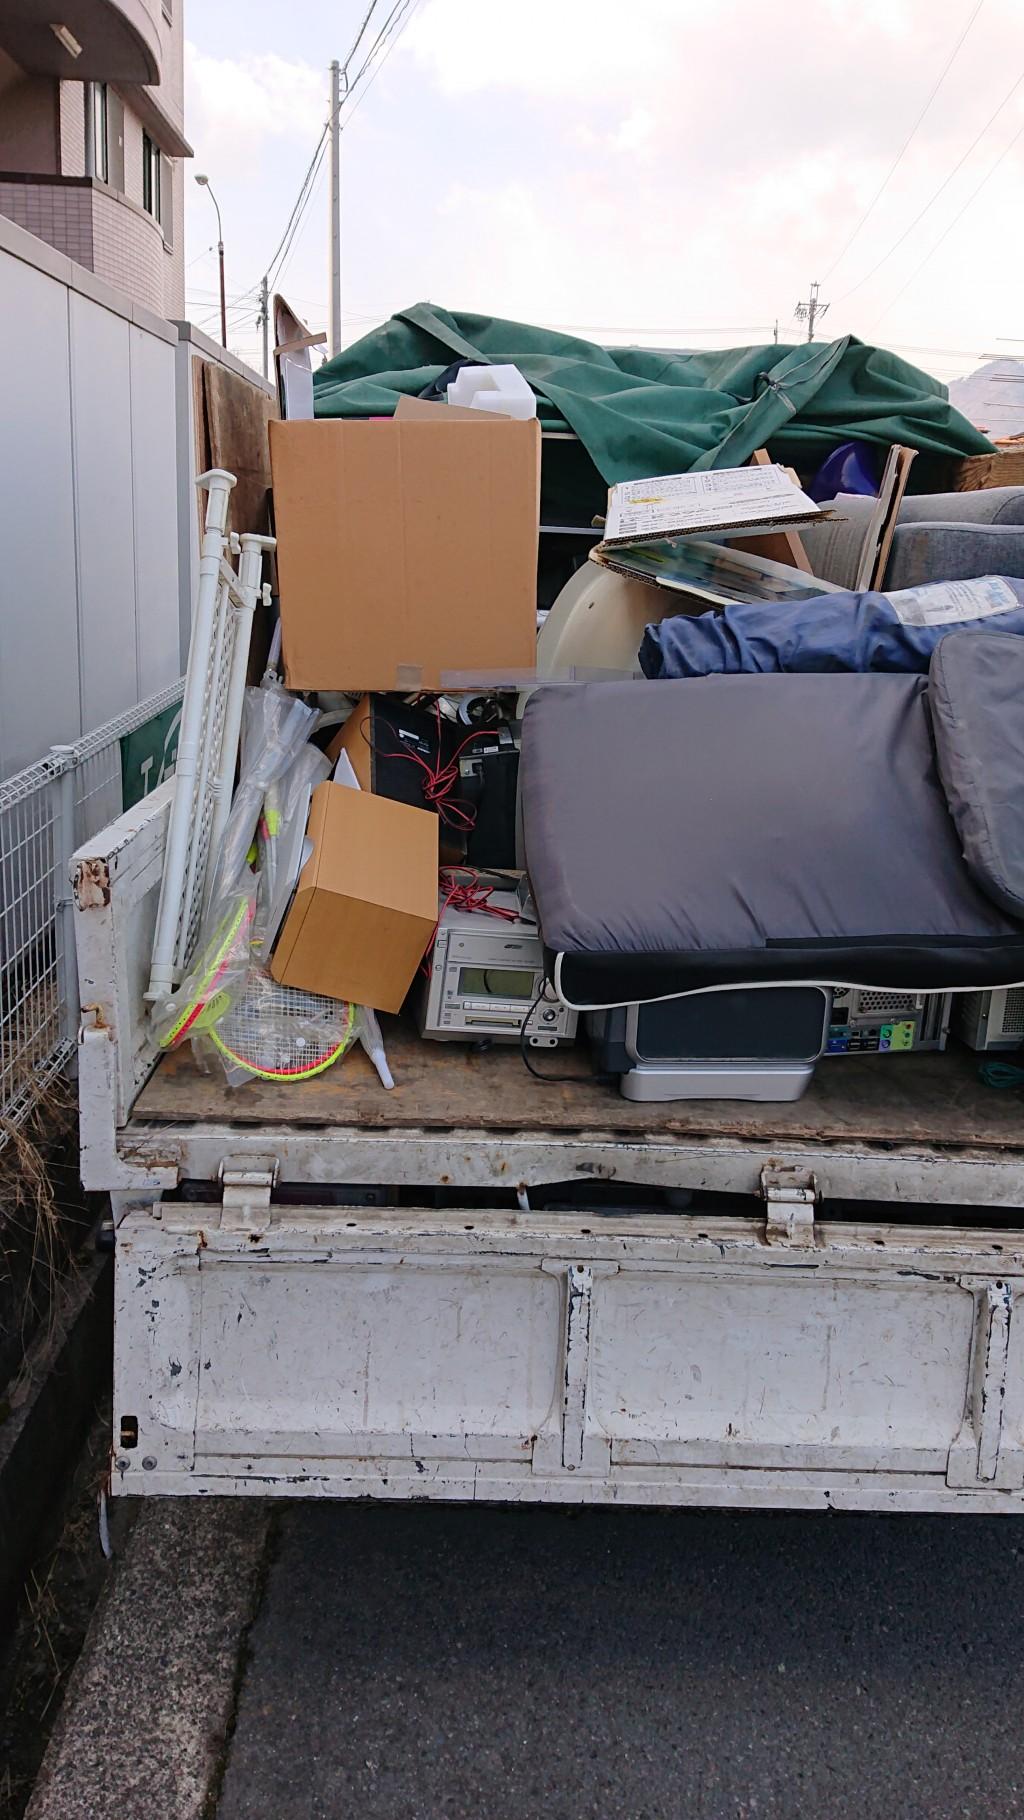 【木曽町】たくさんの不用品回収☆希望の土日で割増料金もなく回収してもらえたとお喜び頂けました。